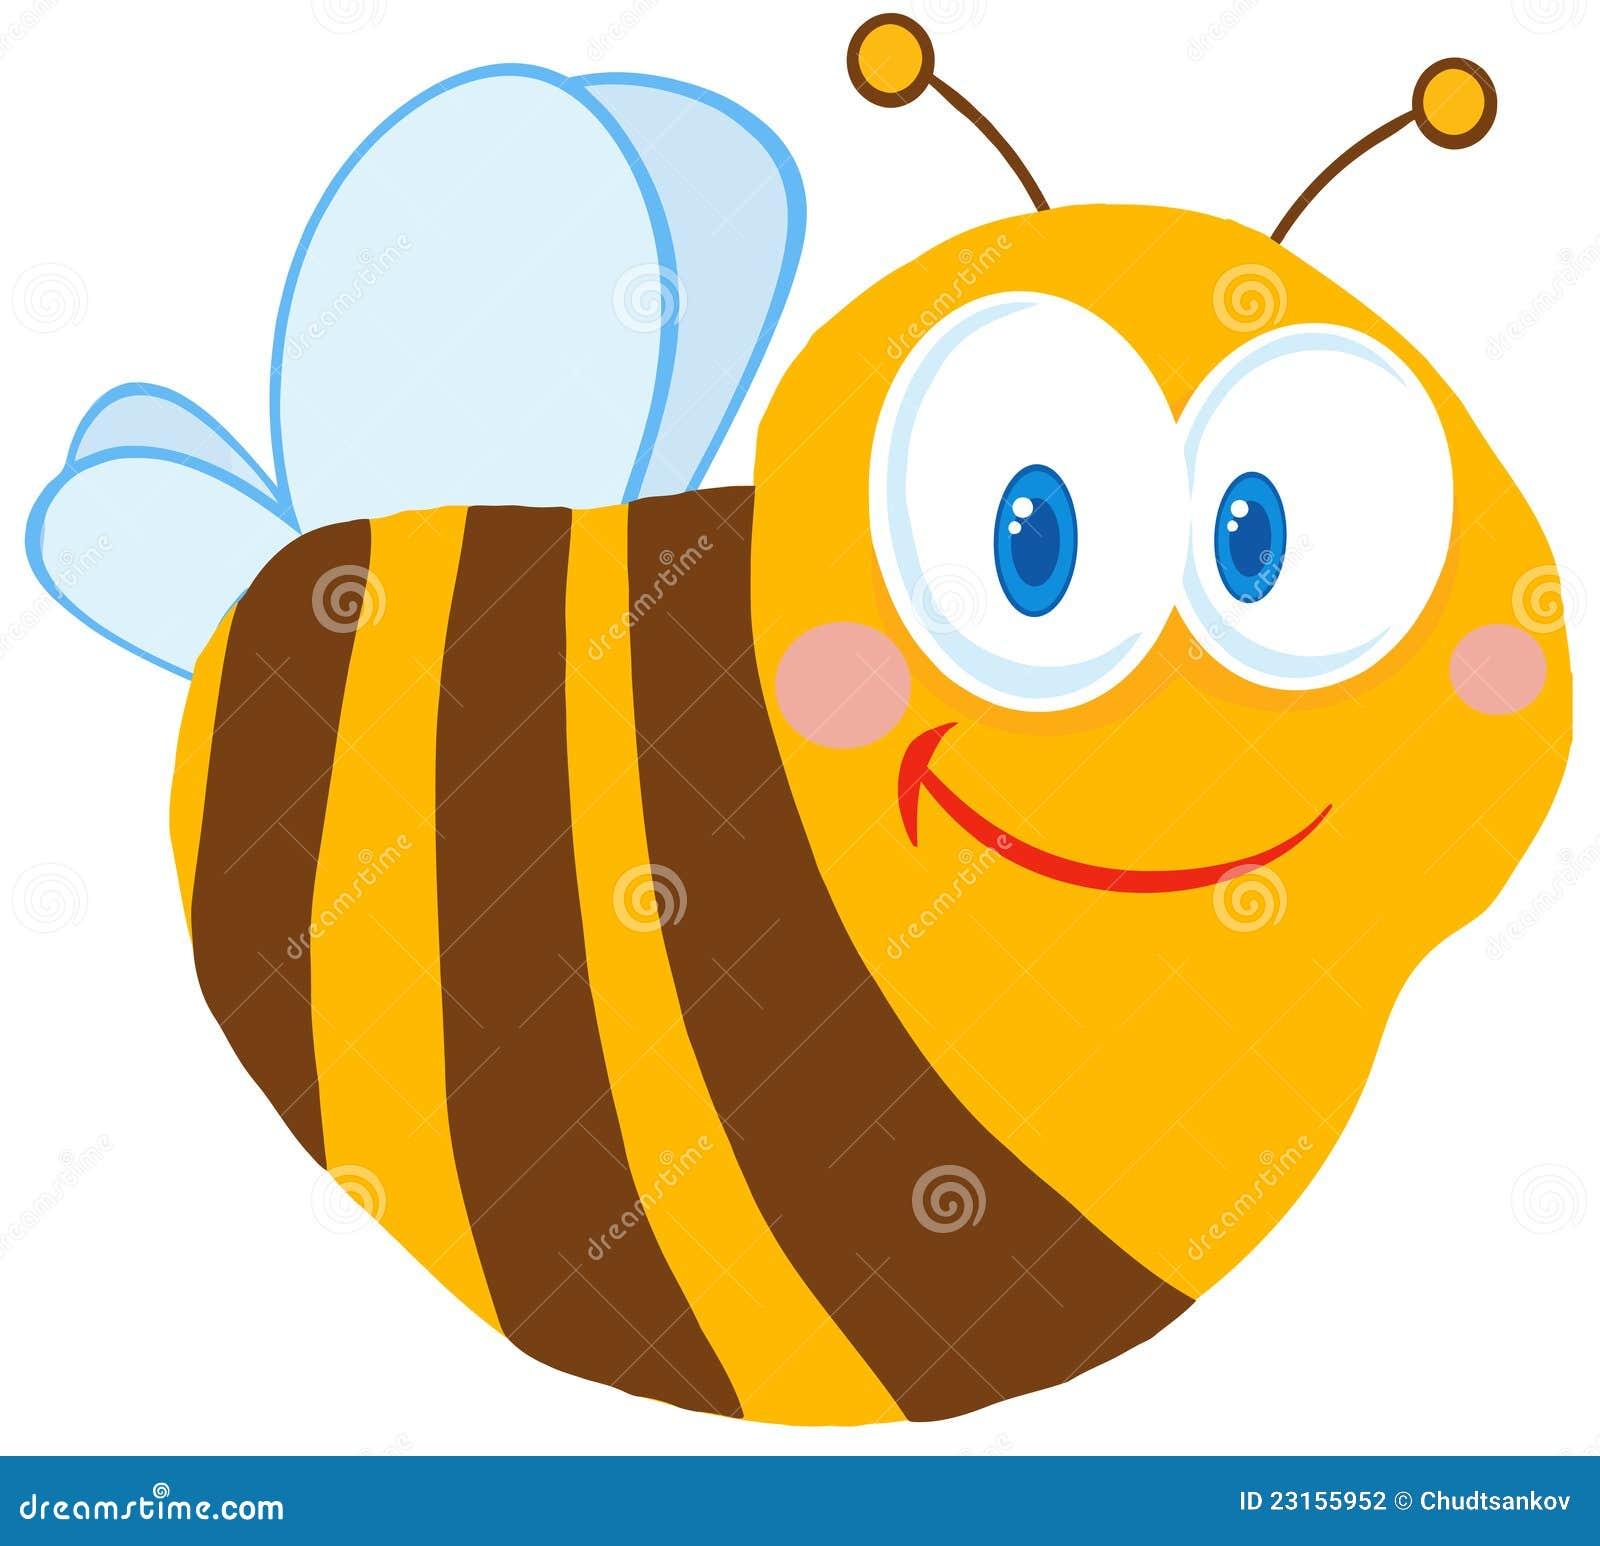 personaje de dibujos animados lindo de la abeja